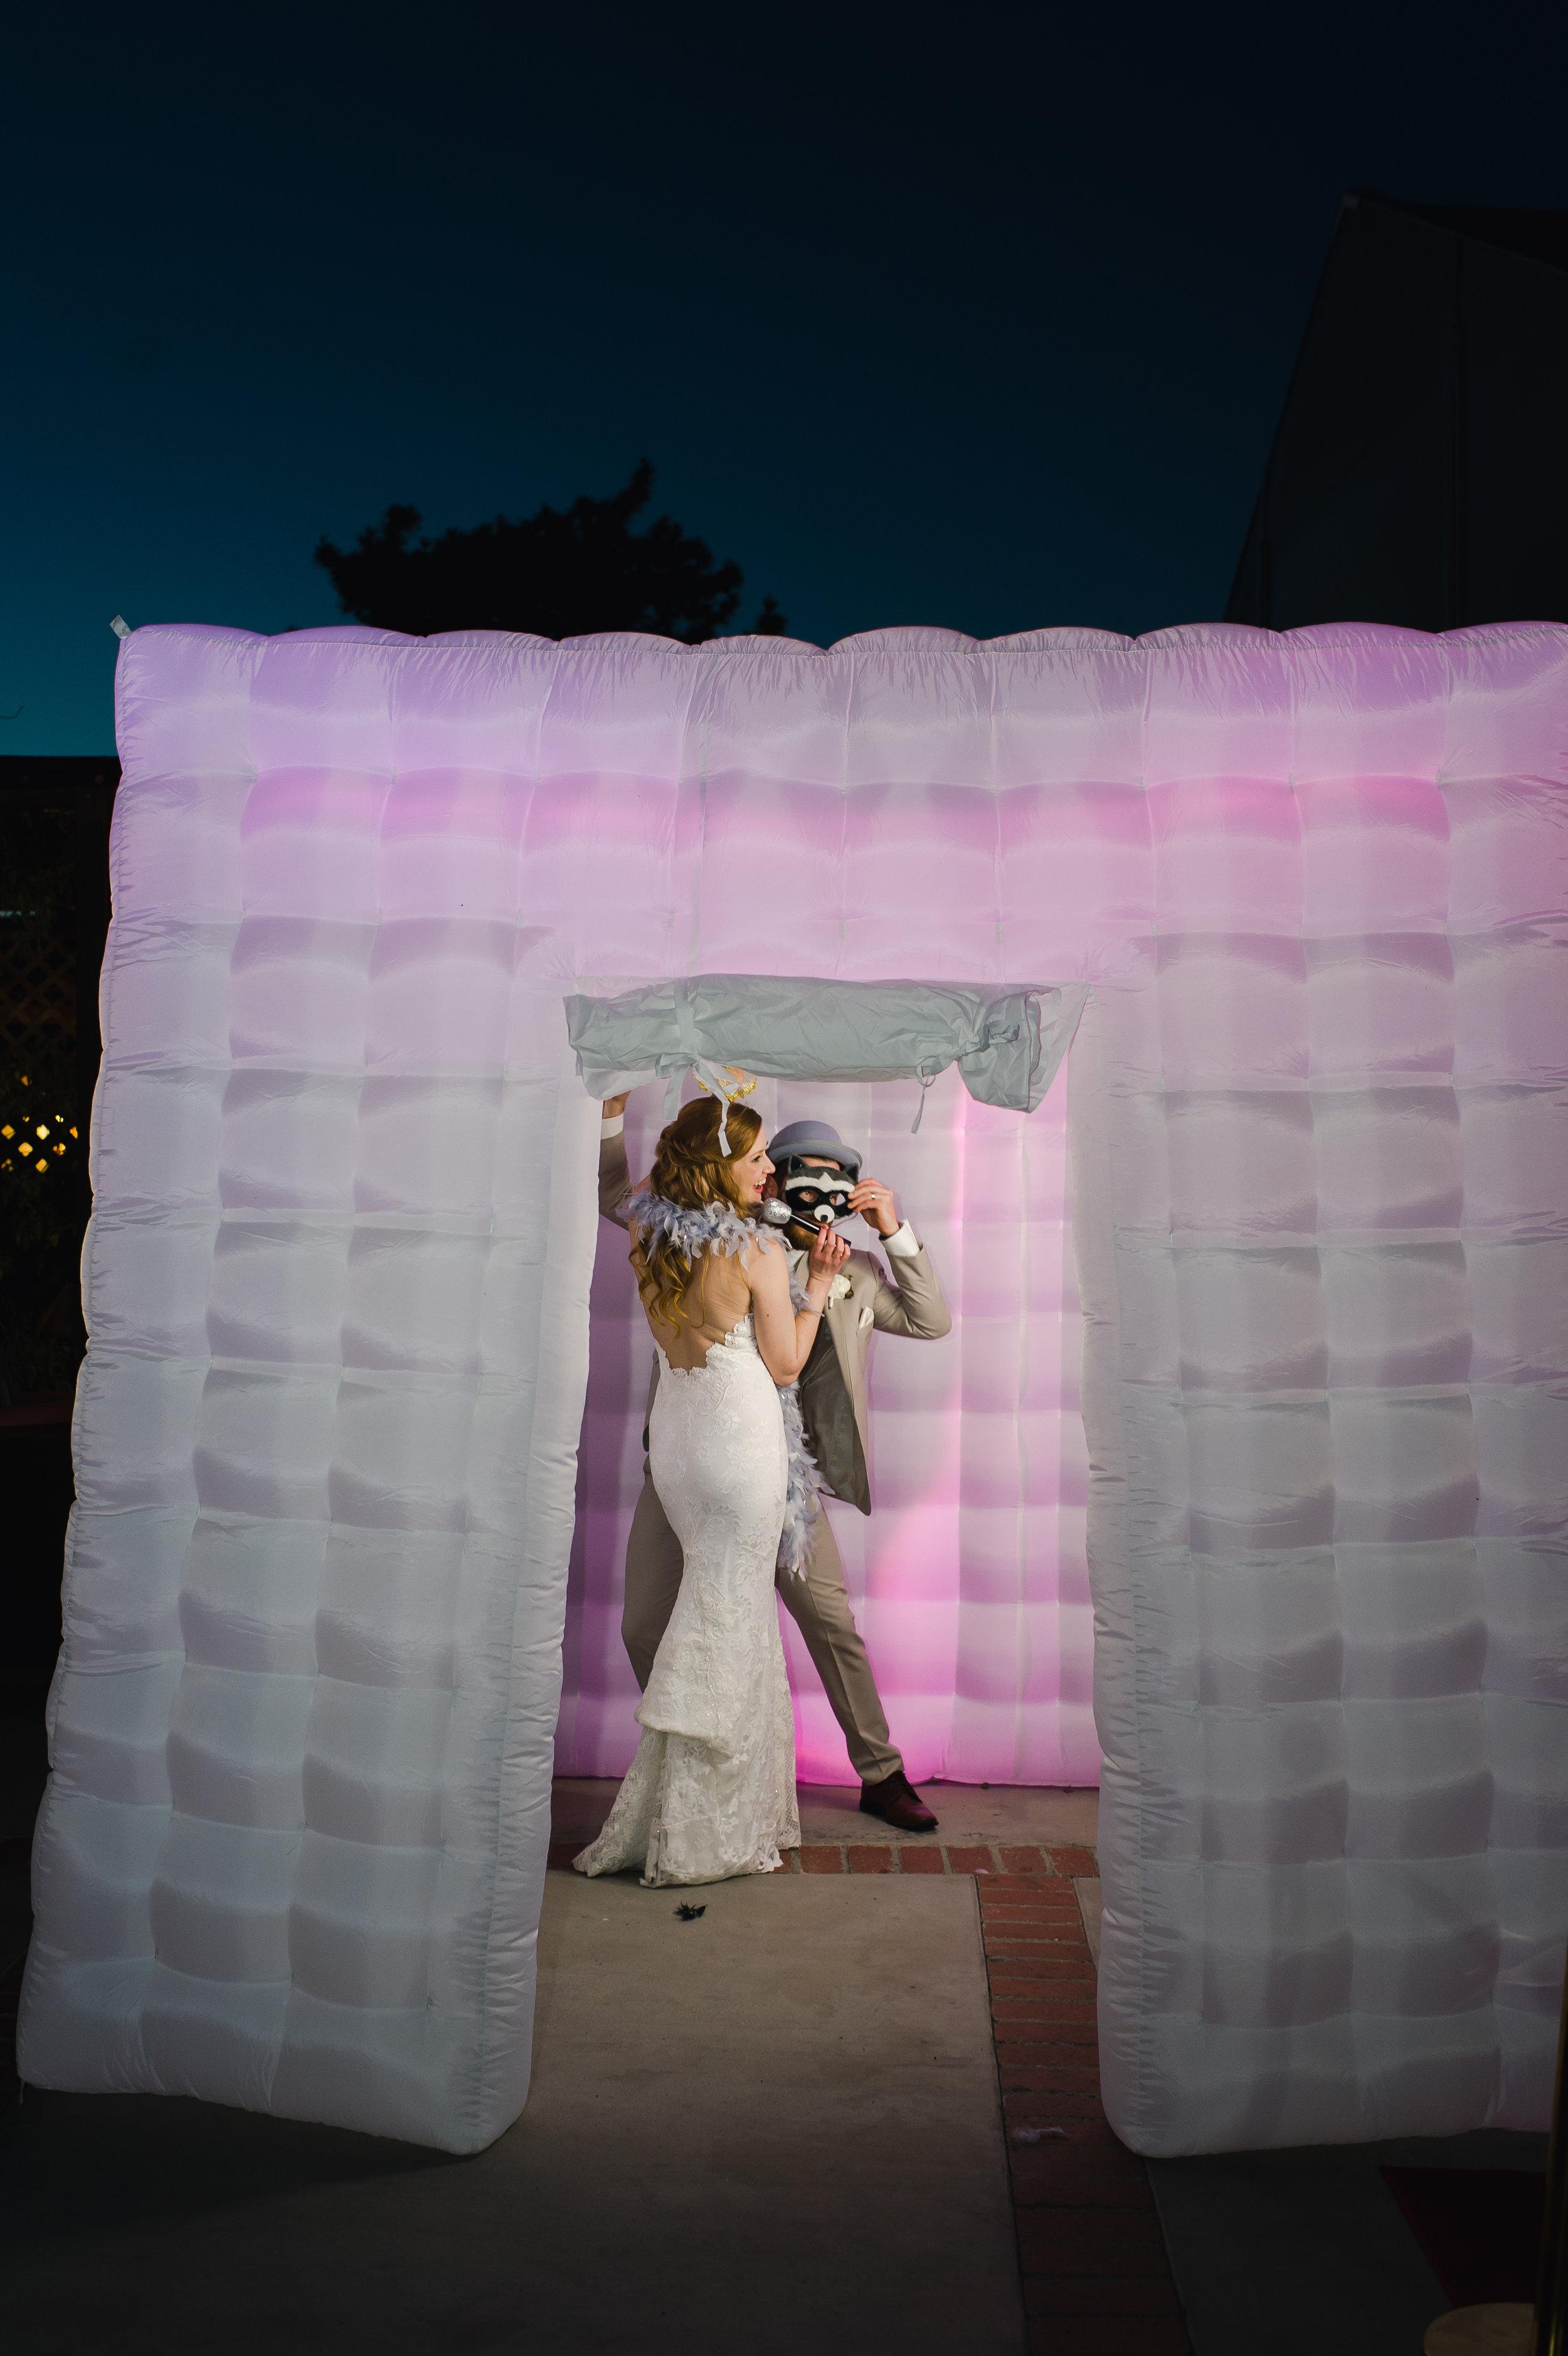 62mountpalomarwineryweddingpictures.jpg